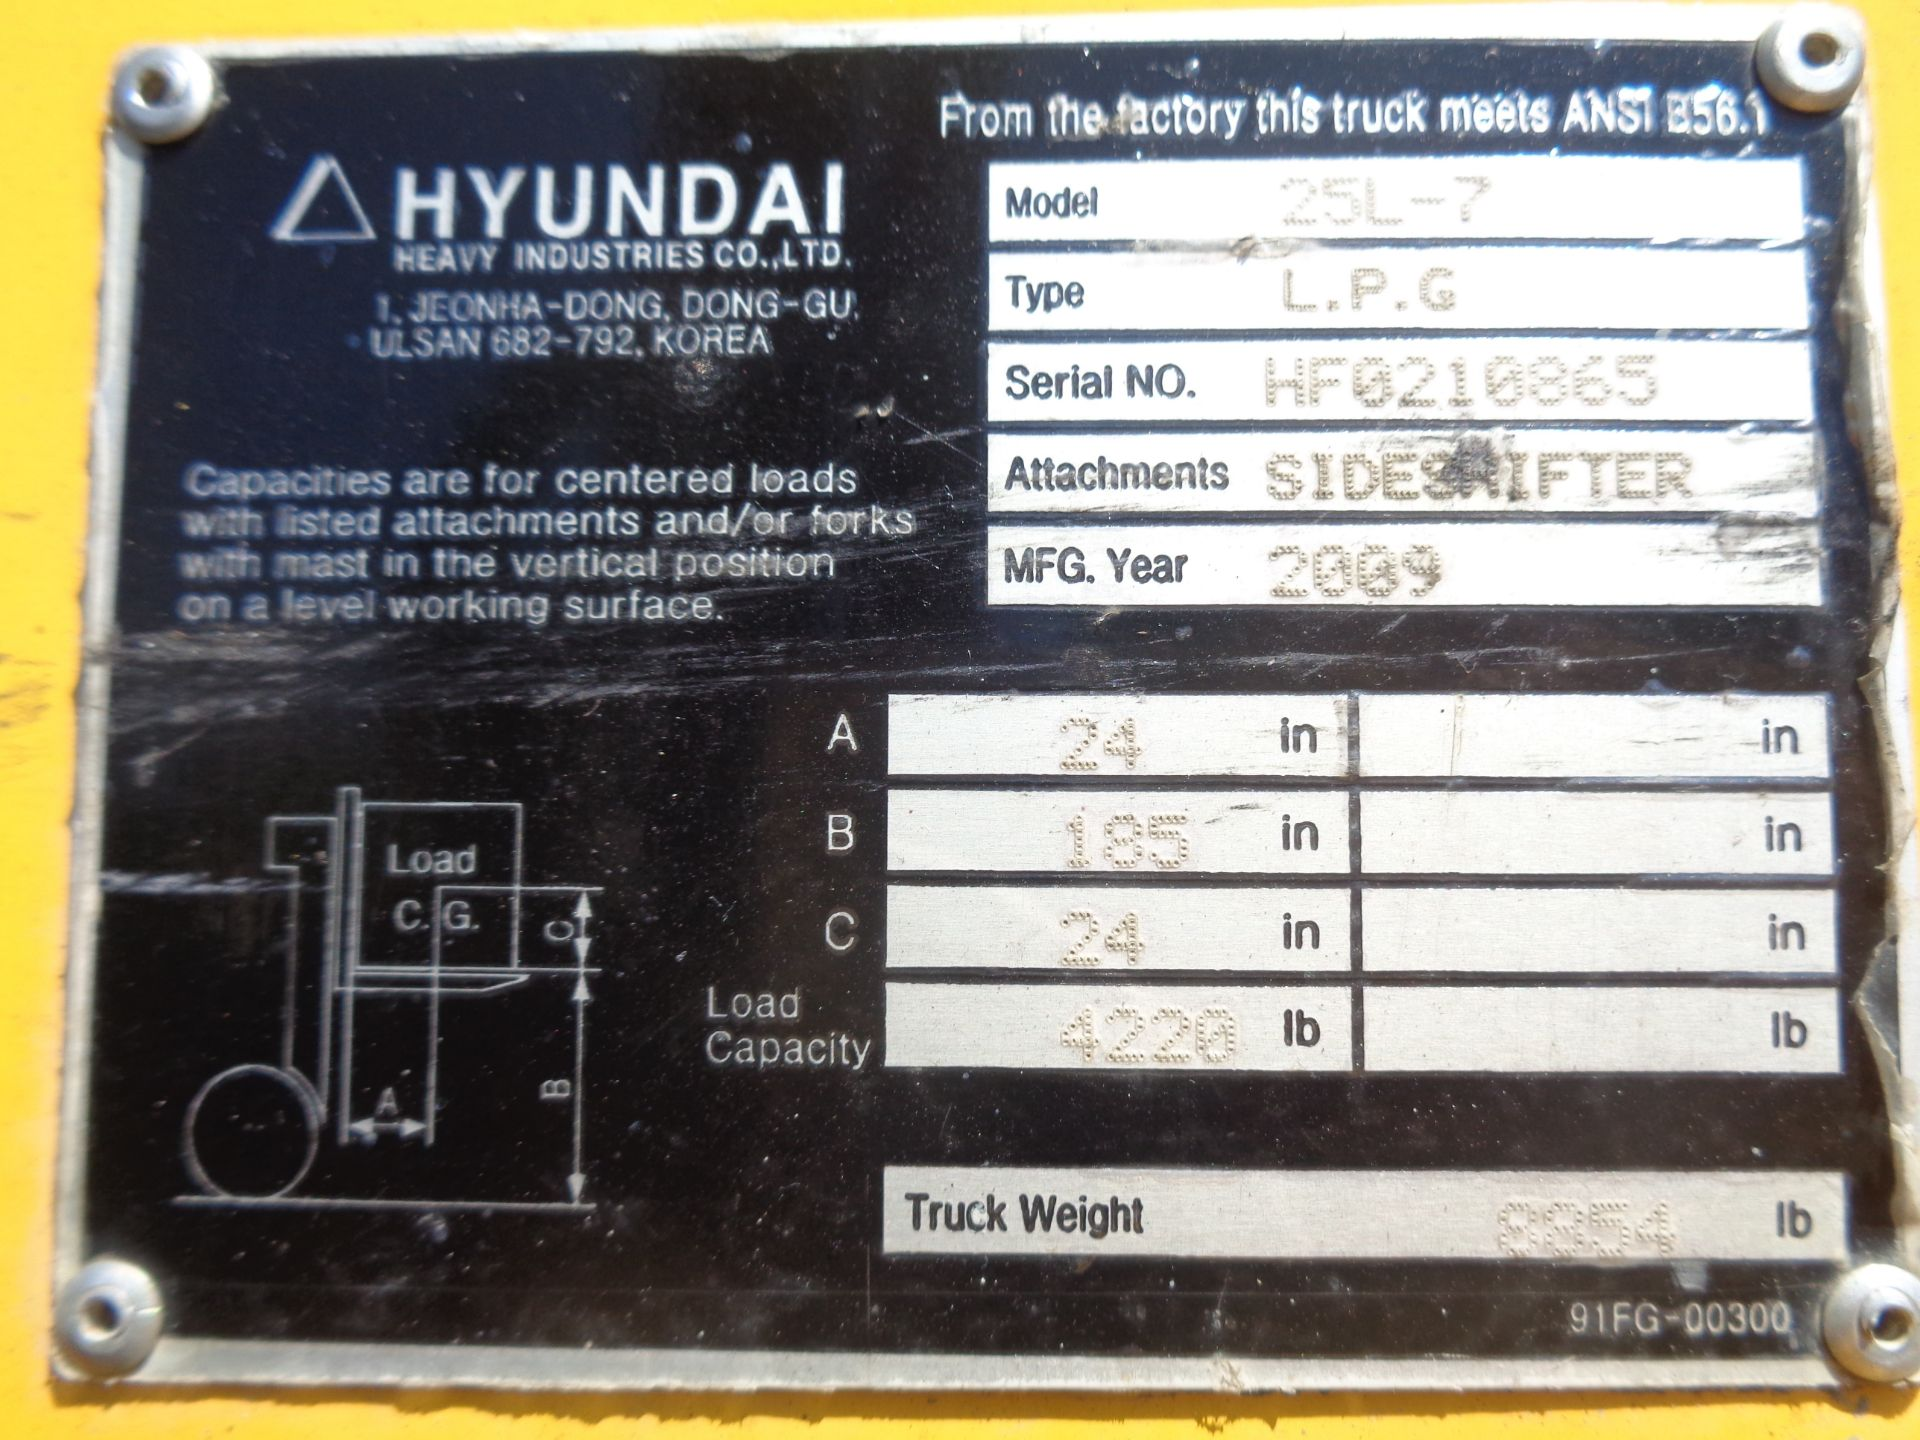 Lot 9 - Hyundai 25L-7 5,000lb Forklift